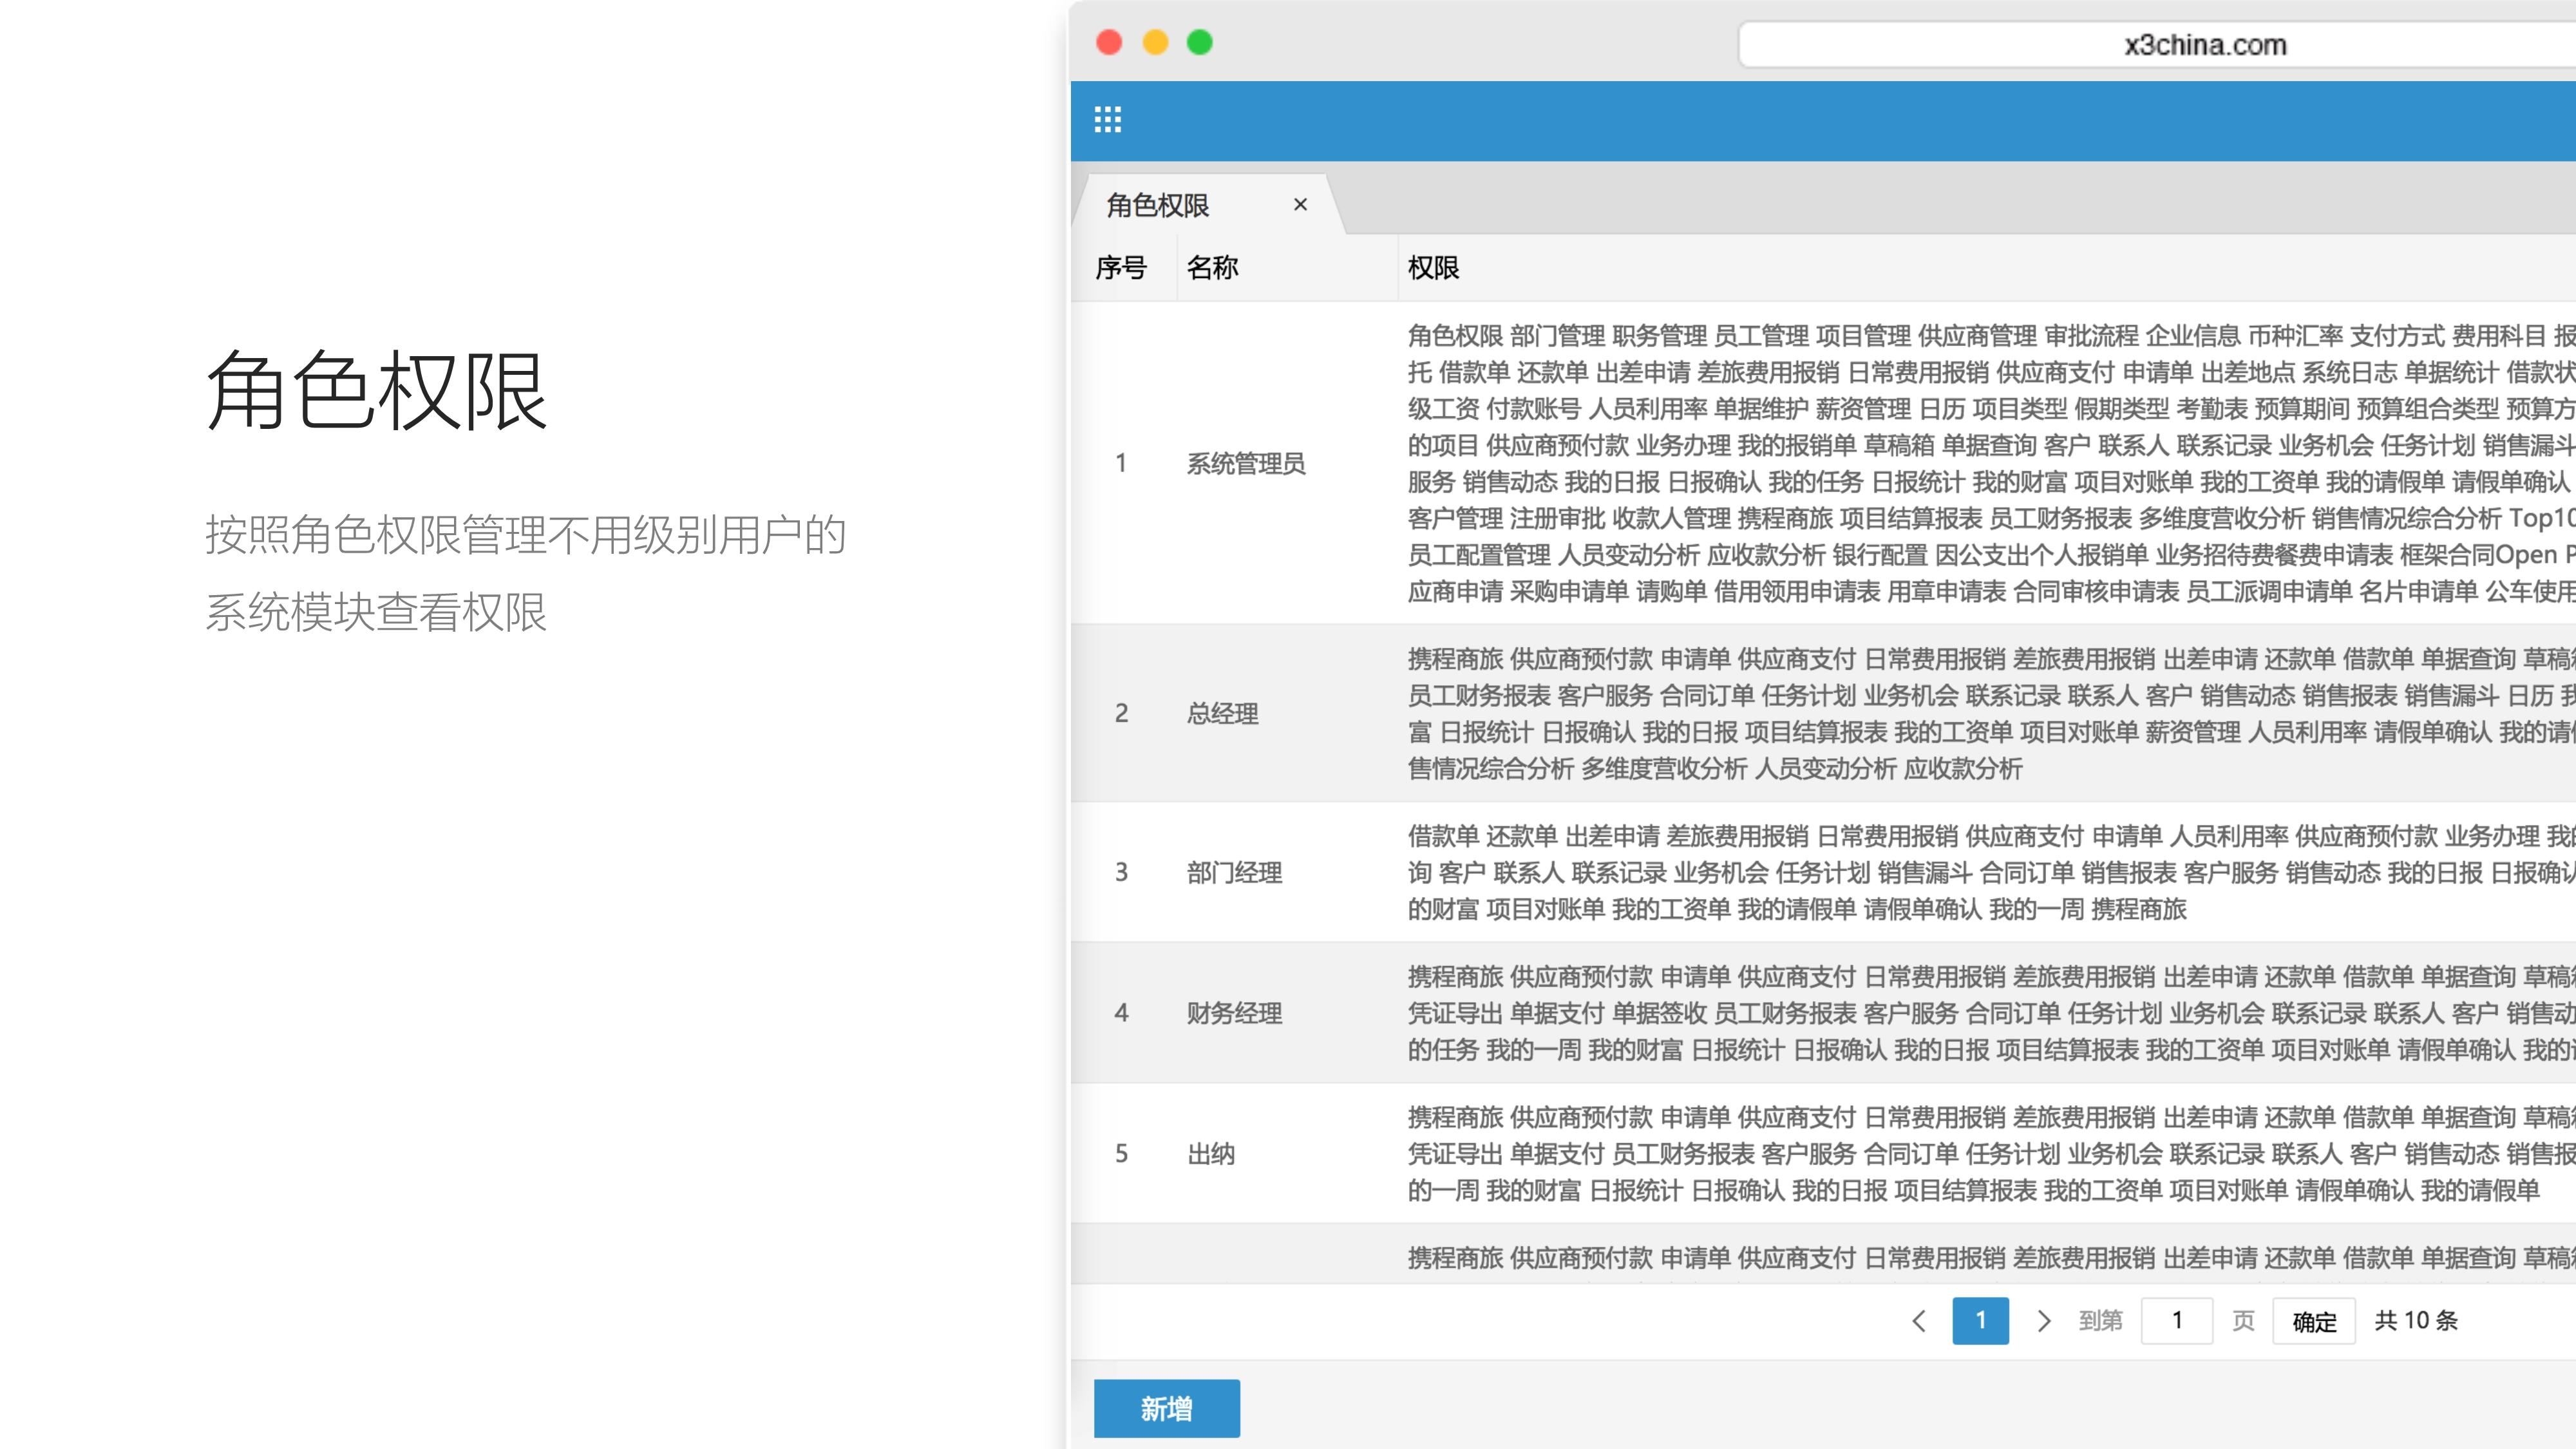 011809350146_0兴元财务管理报销软件_11.Jpeg